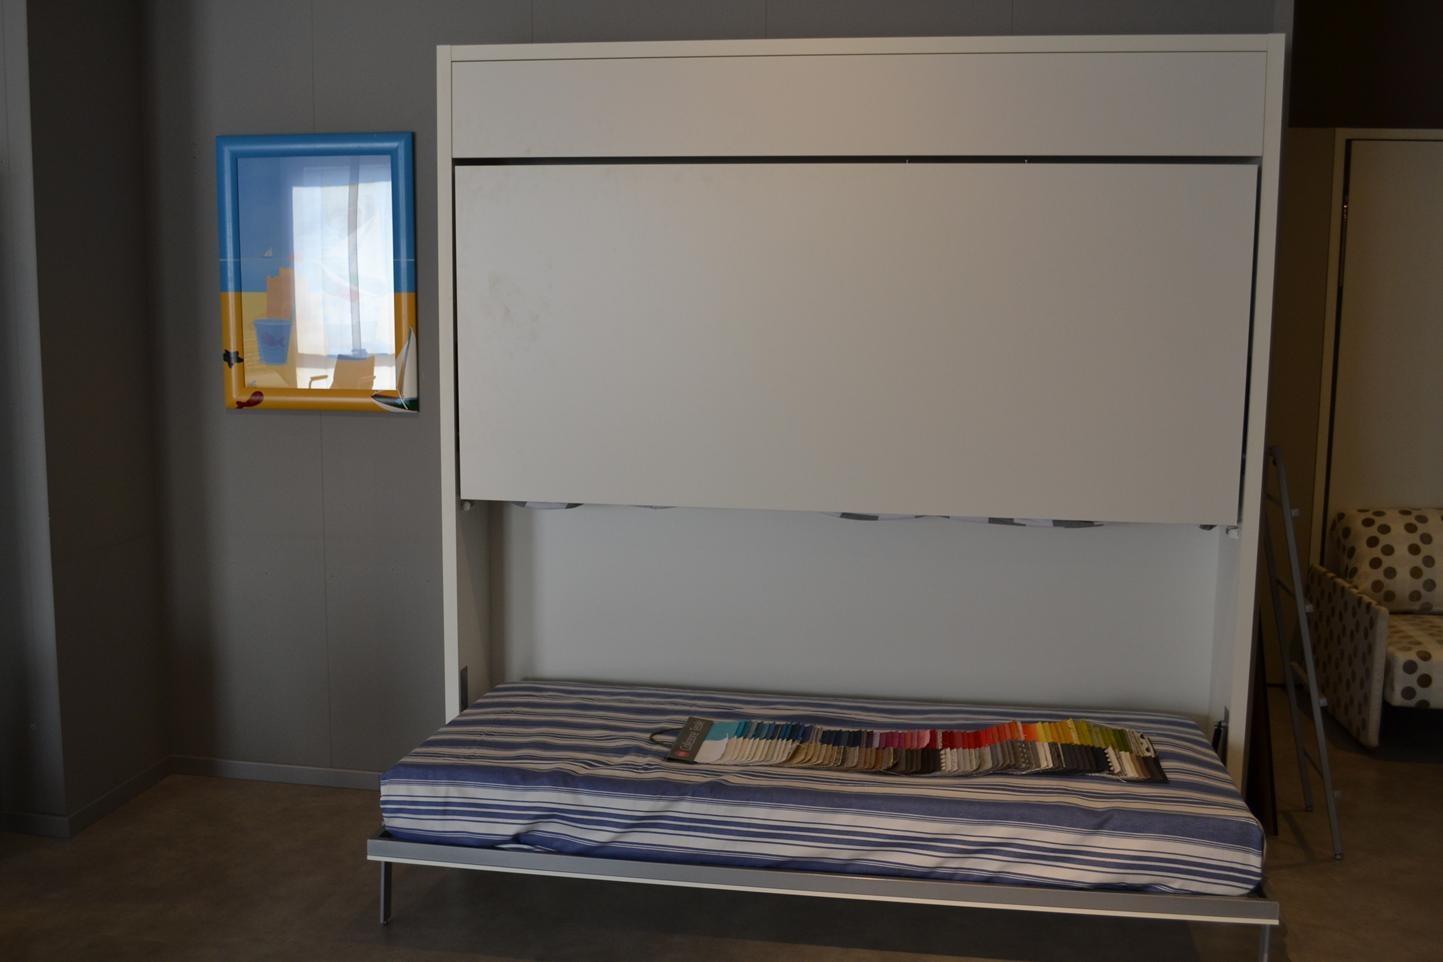 Ikea Napoli Camerette: Voffca tavolo in vetro ikea. Tiarch lavabi in vetro colorati.